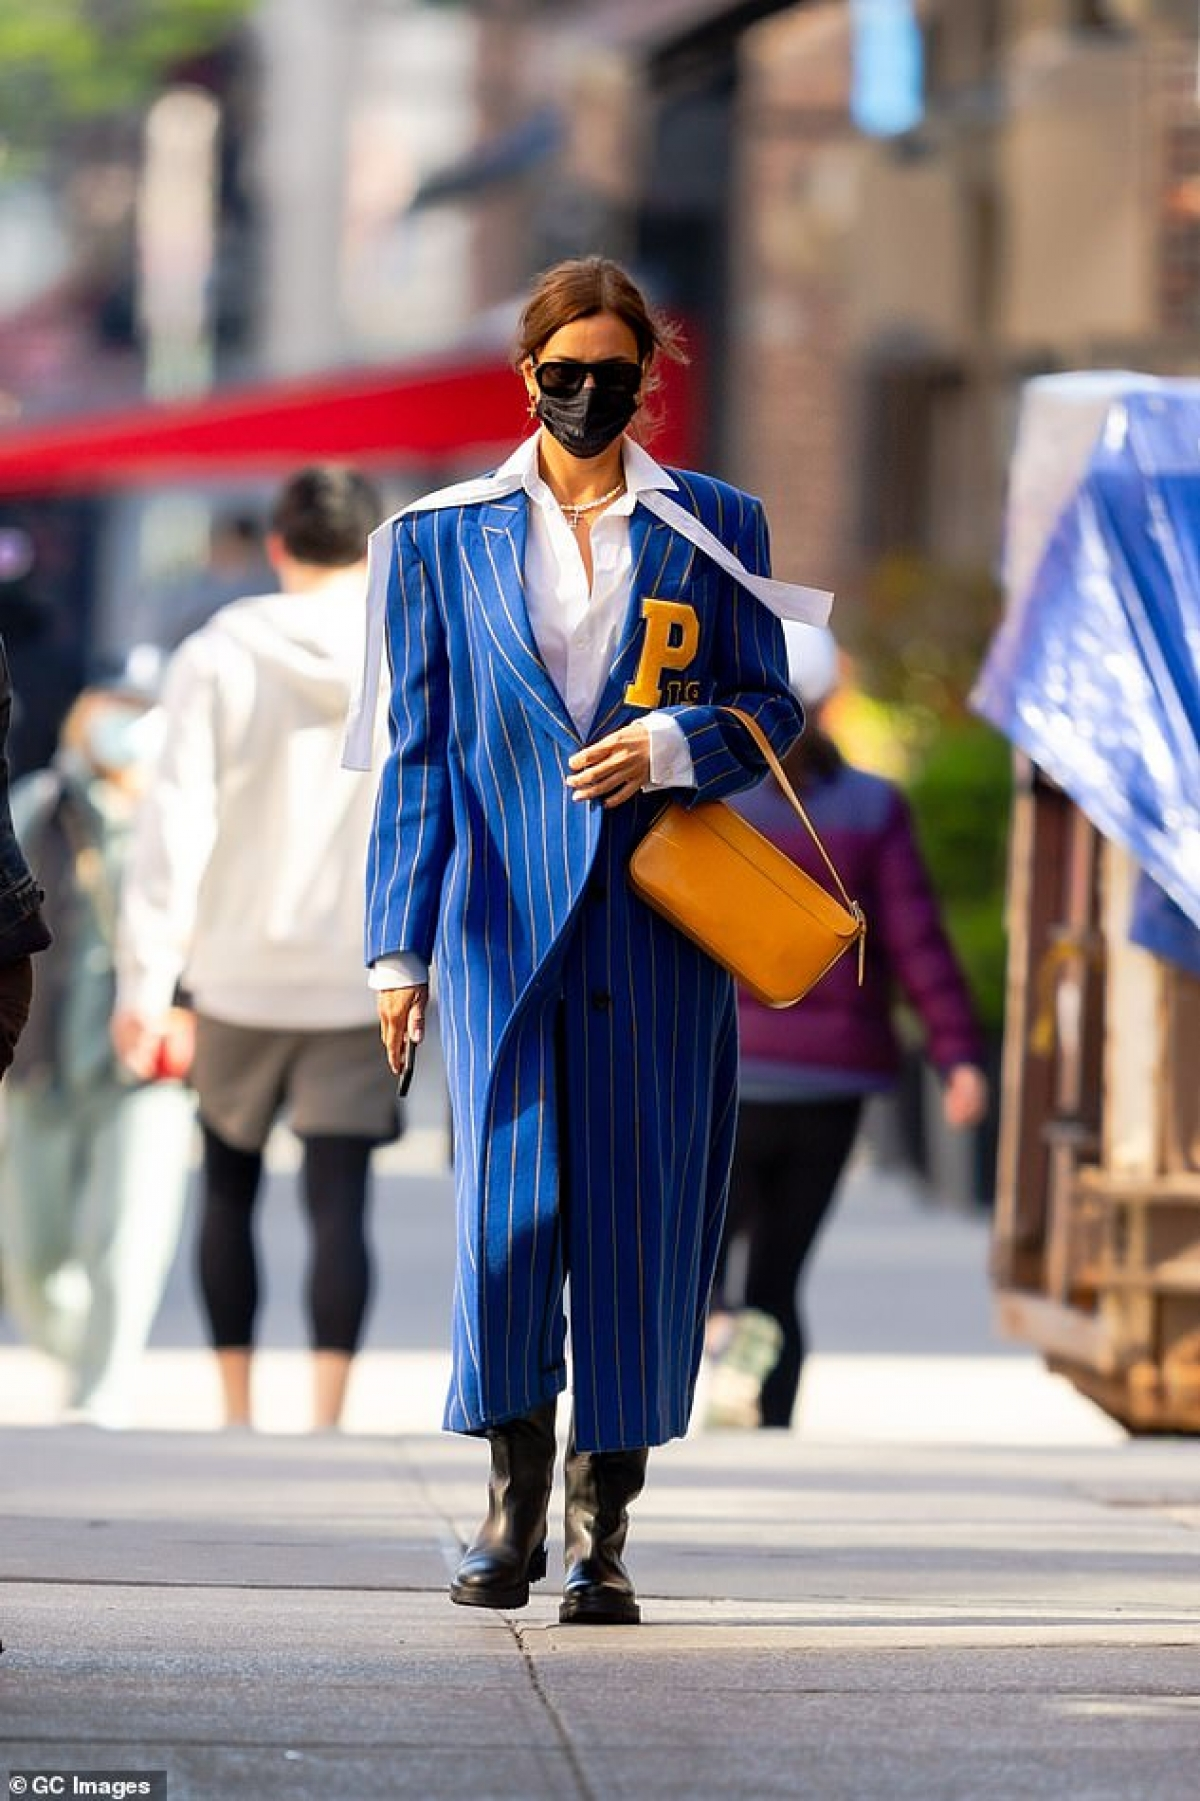 Trông nàng mẫu lúc nào cũng sành điệu với street style nổi bật.